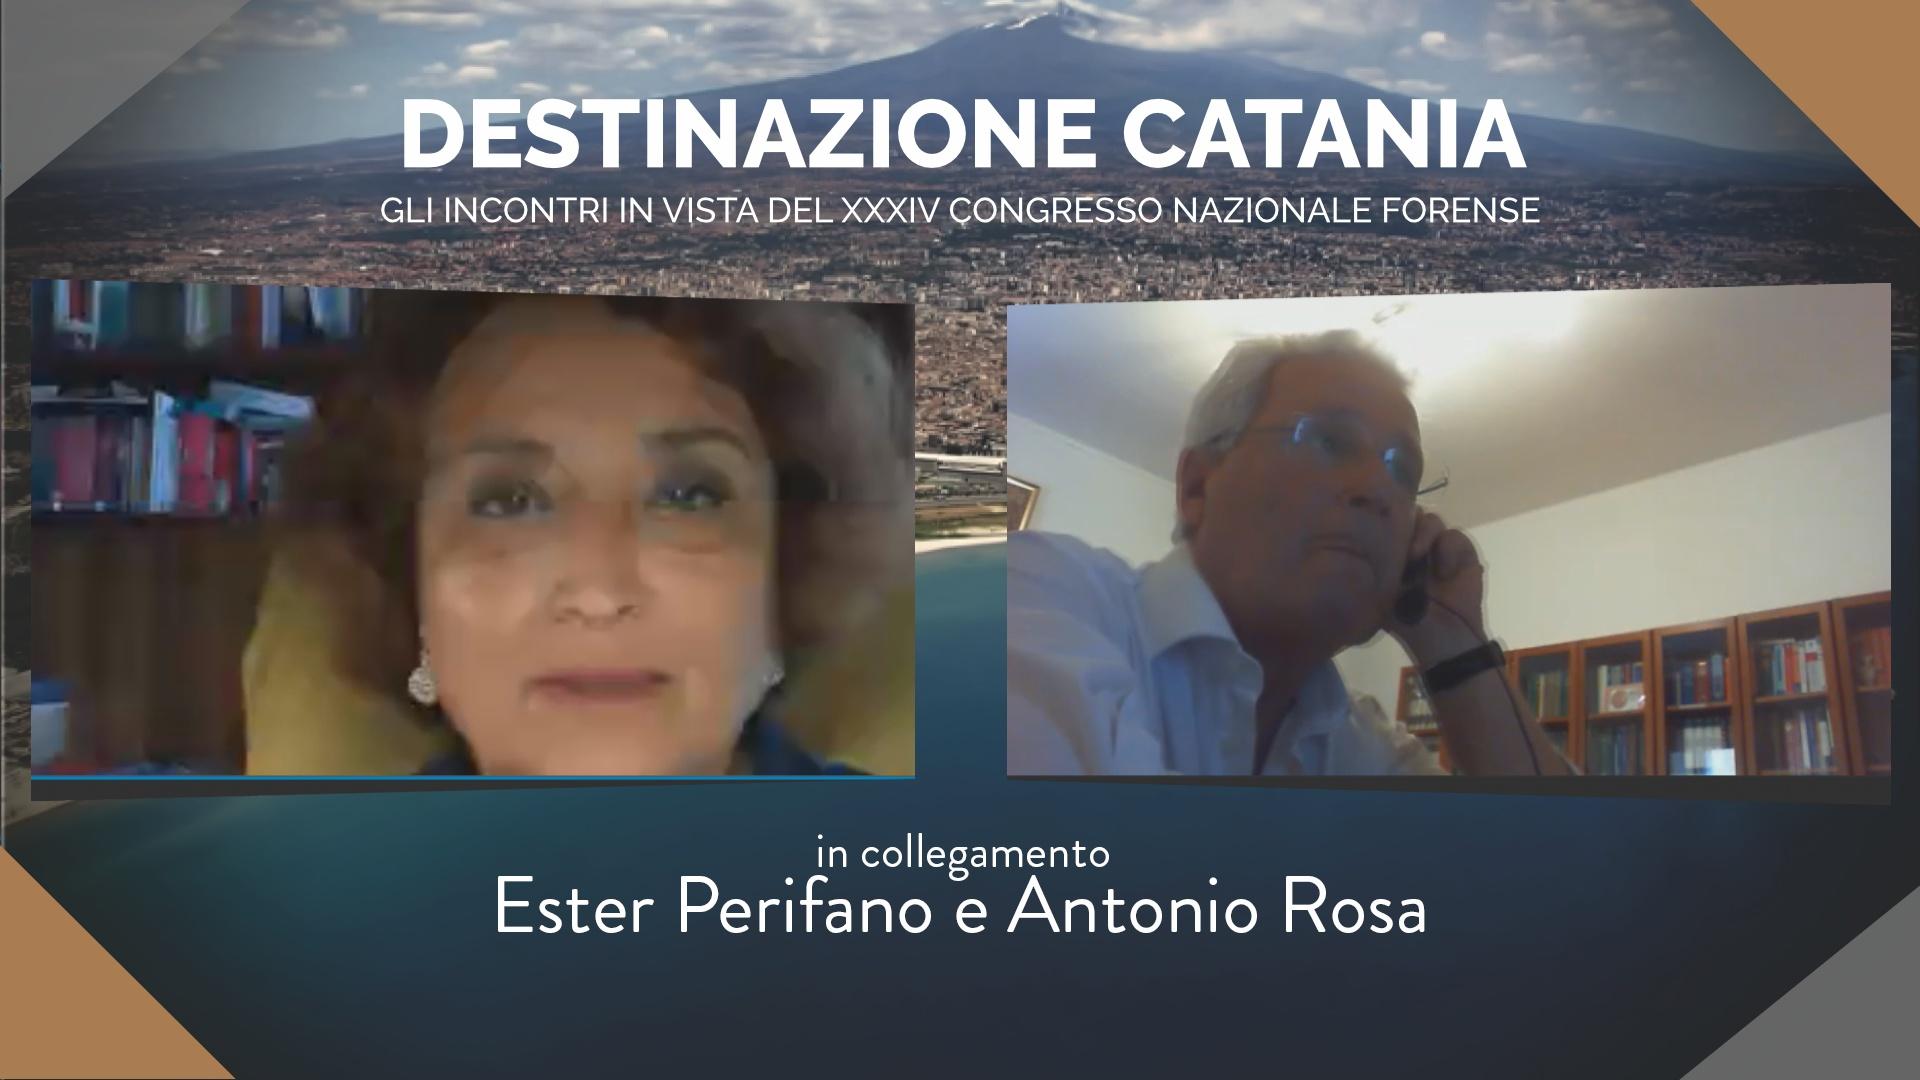 Destinazione Catania. Incontri in vista del XXIV Congresso Nazionale Forense. Ester Perifano e Antonio Rosa